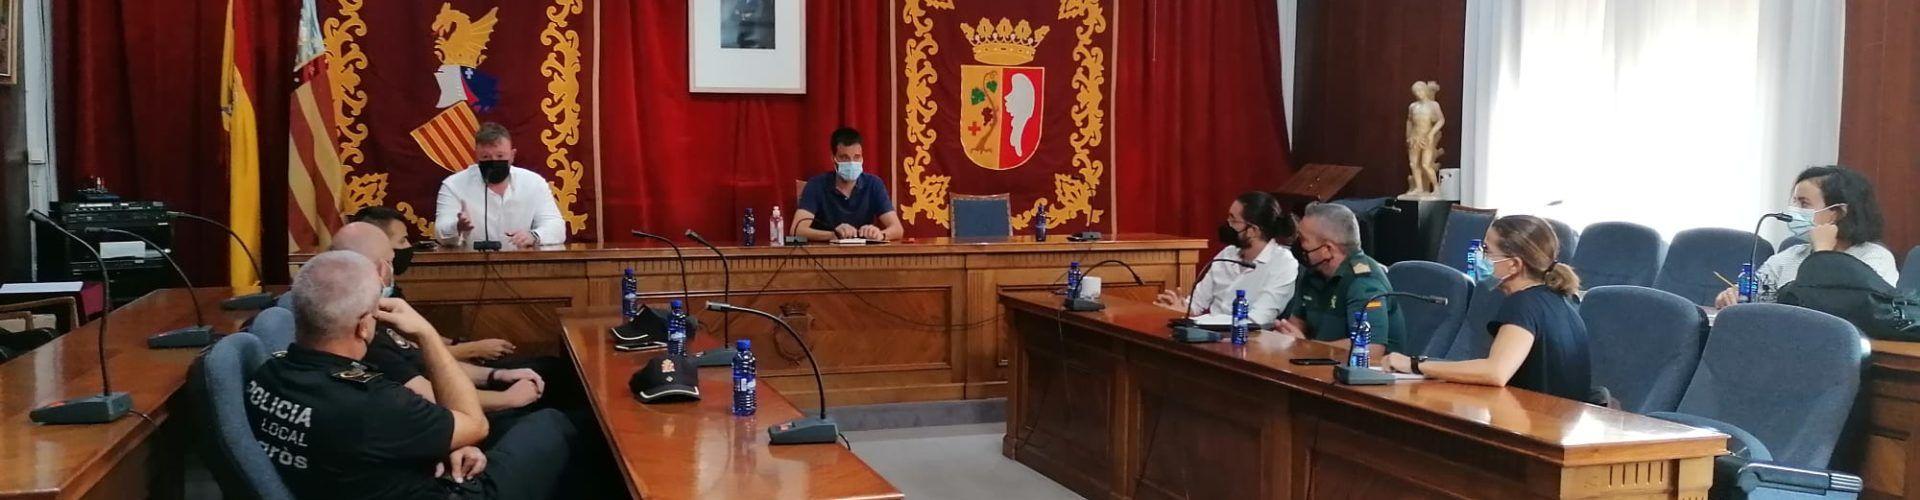 L ´Ajuntament de Sant Jordi es coordina amb Vinaròs per a reforçar la vigilància i evitar els robatoris de garrofes